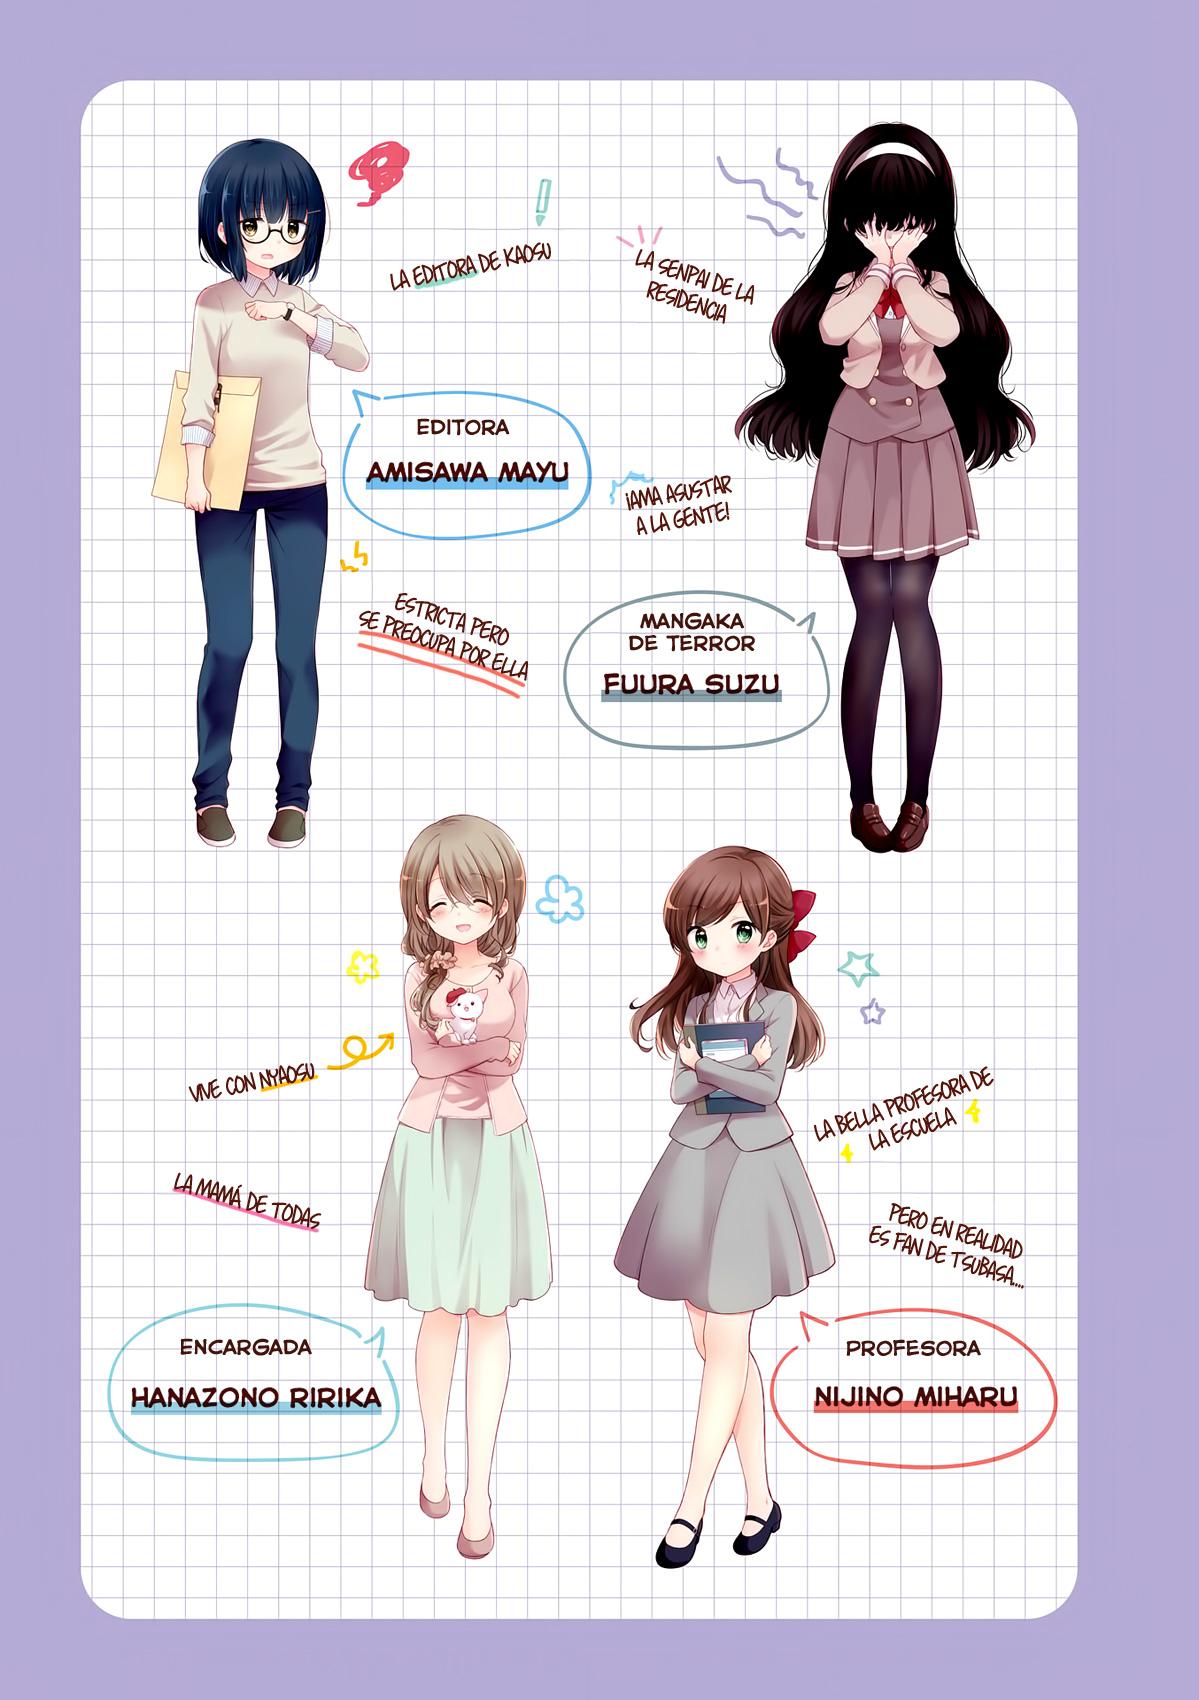 http://lector.patyscans.com/content/comics/comic-girls_59fd261b92948/26-5_5c3aa5e80d6d2/Ch26.5_01.jpg